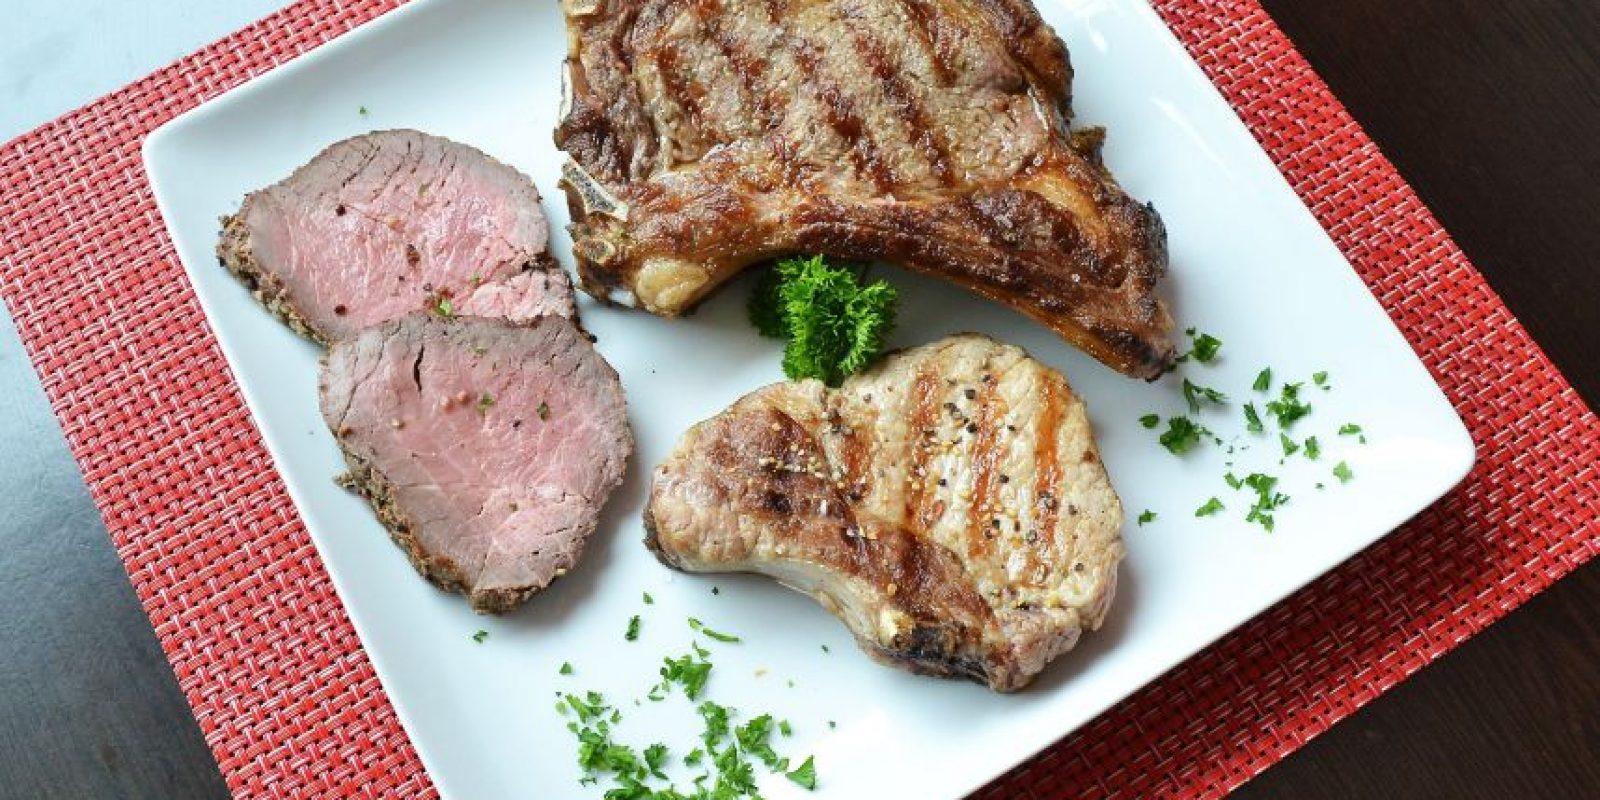 Una de las formas más saludables de preparar las carnes es a la plancha. Foto:Mario de Peña